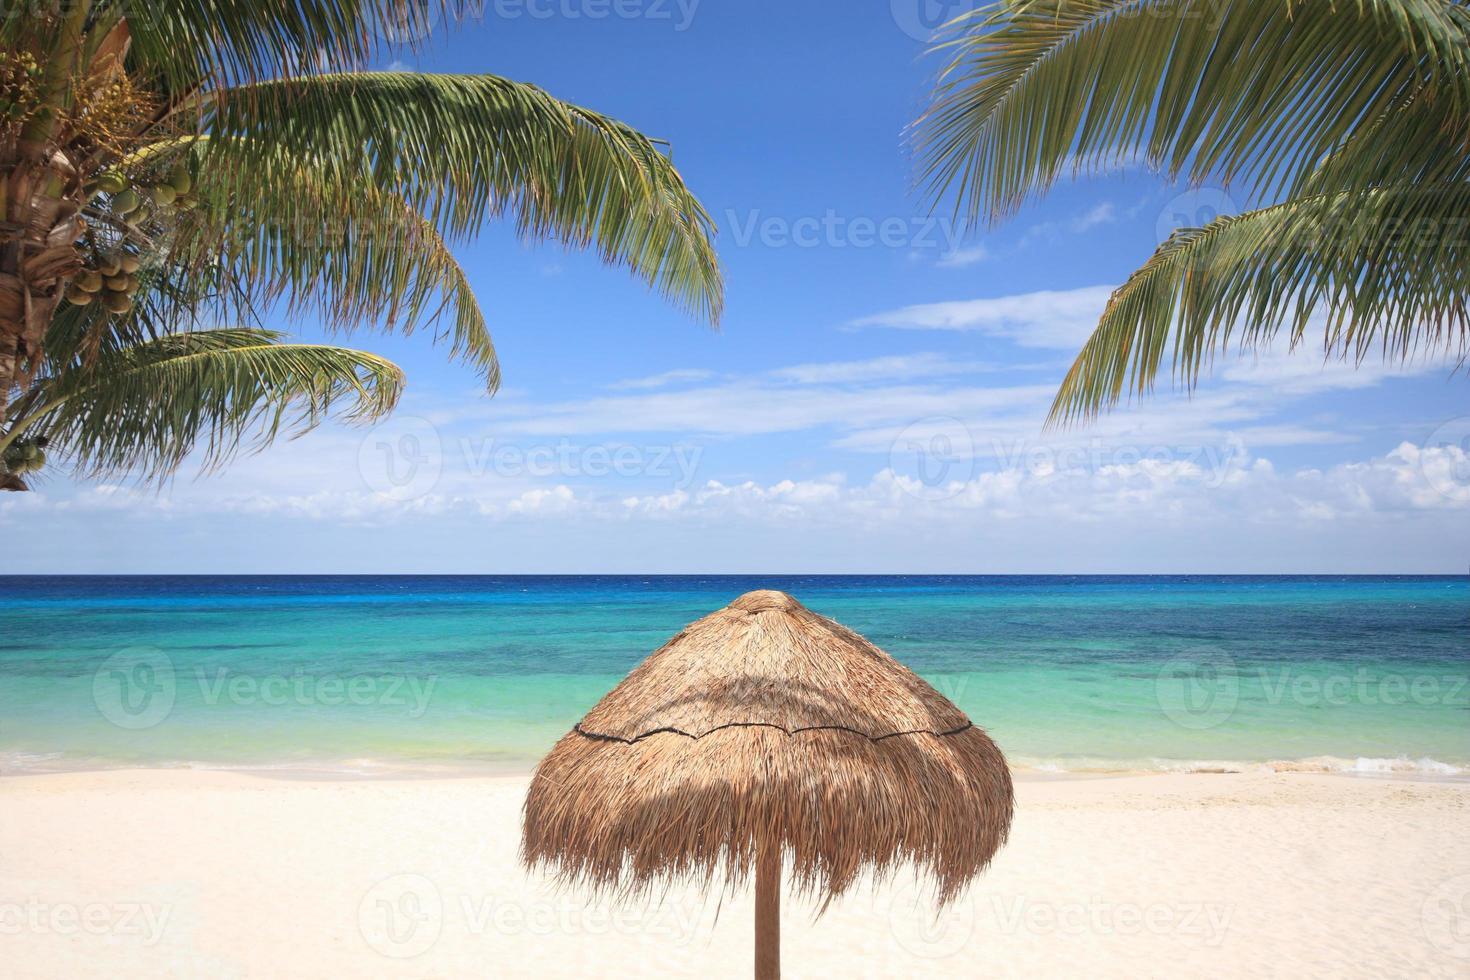 sombrilla de paja en la playa tropical foto